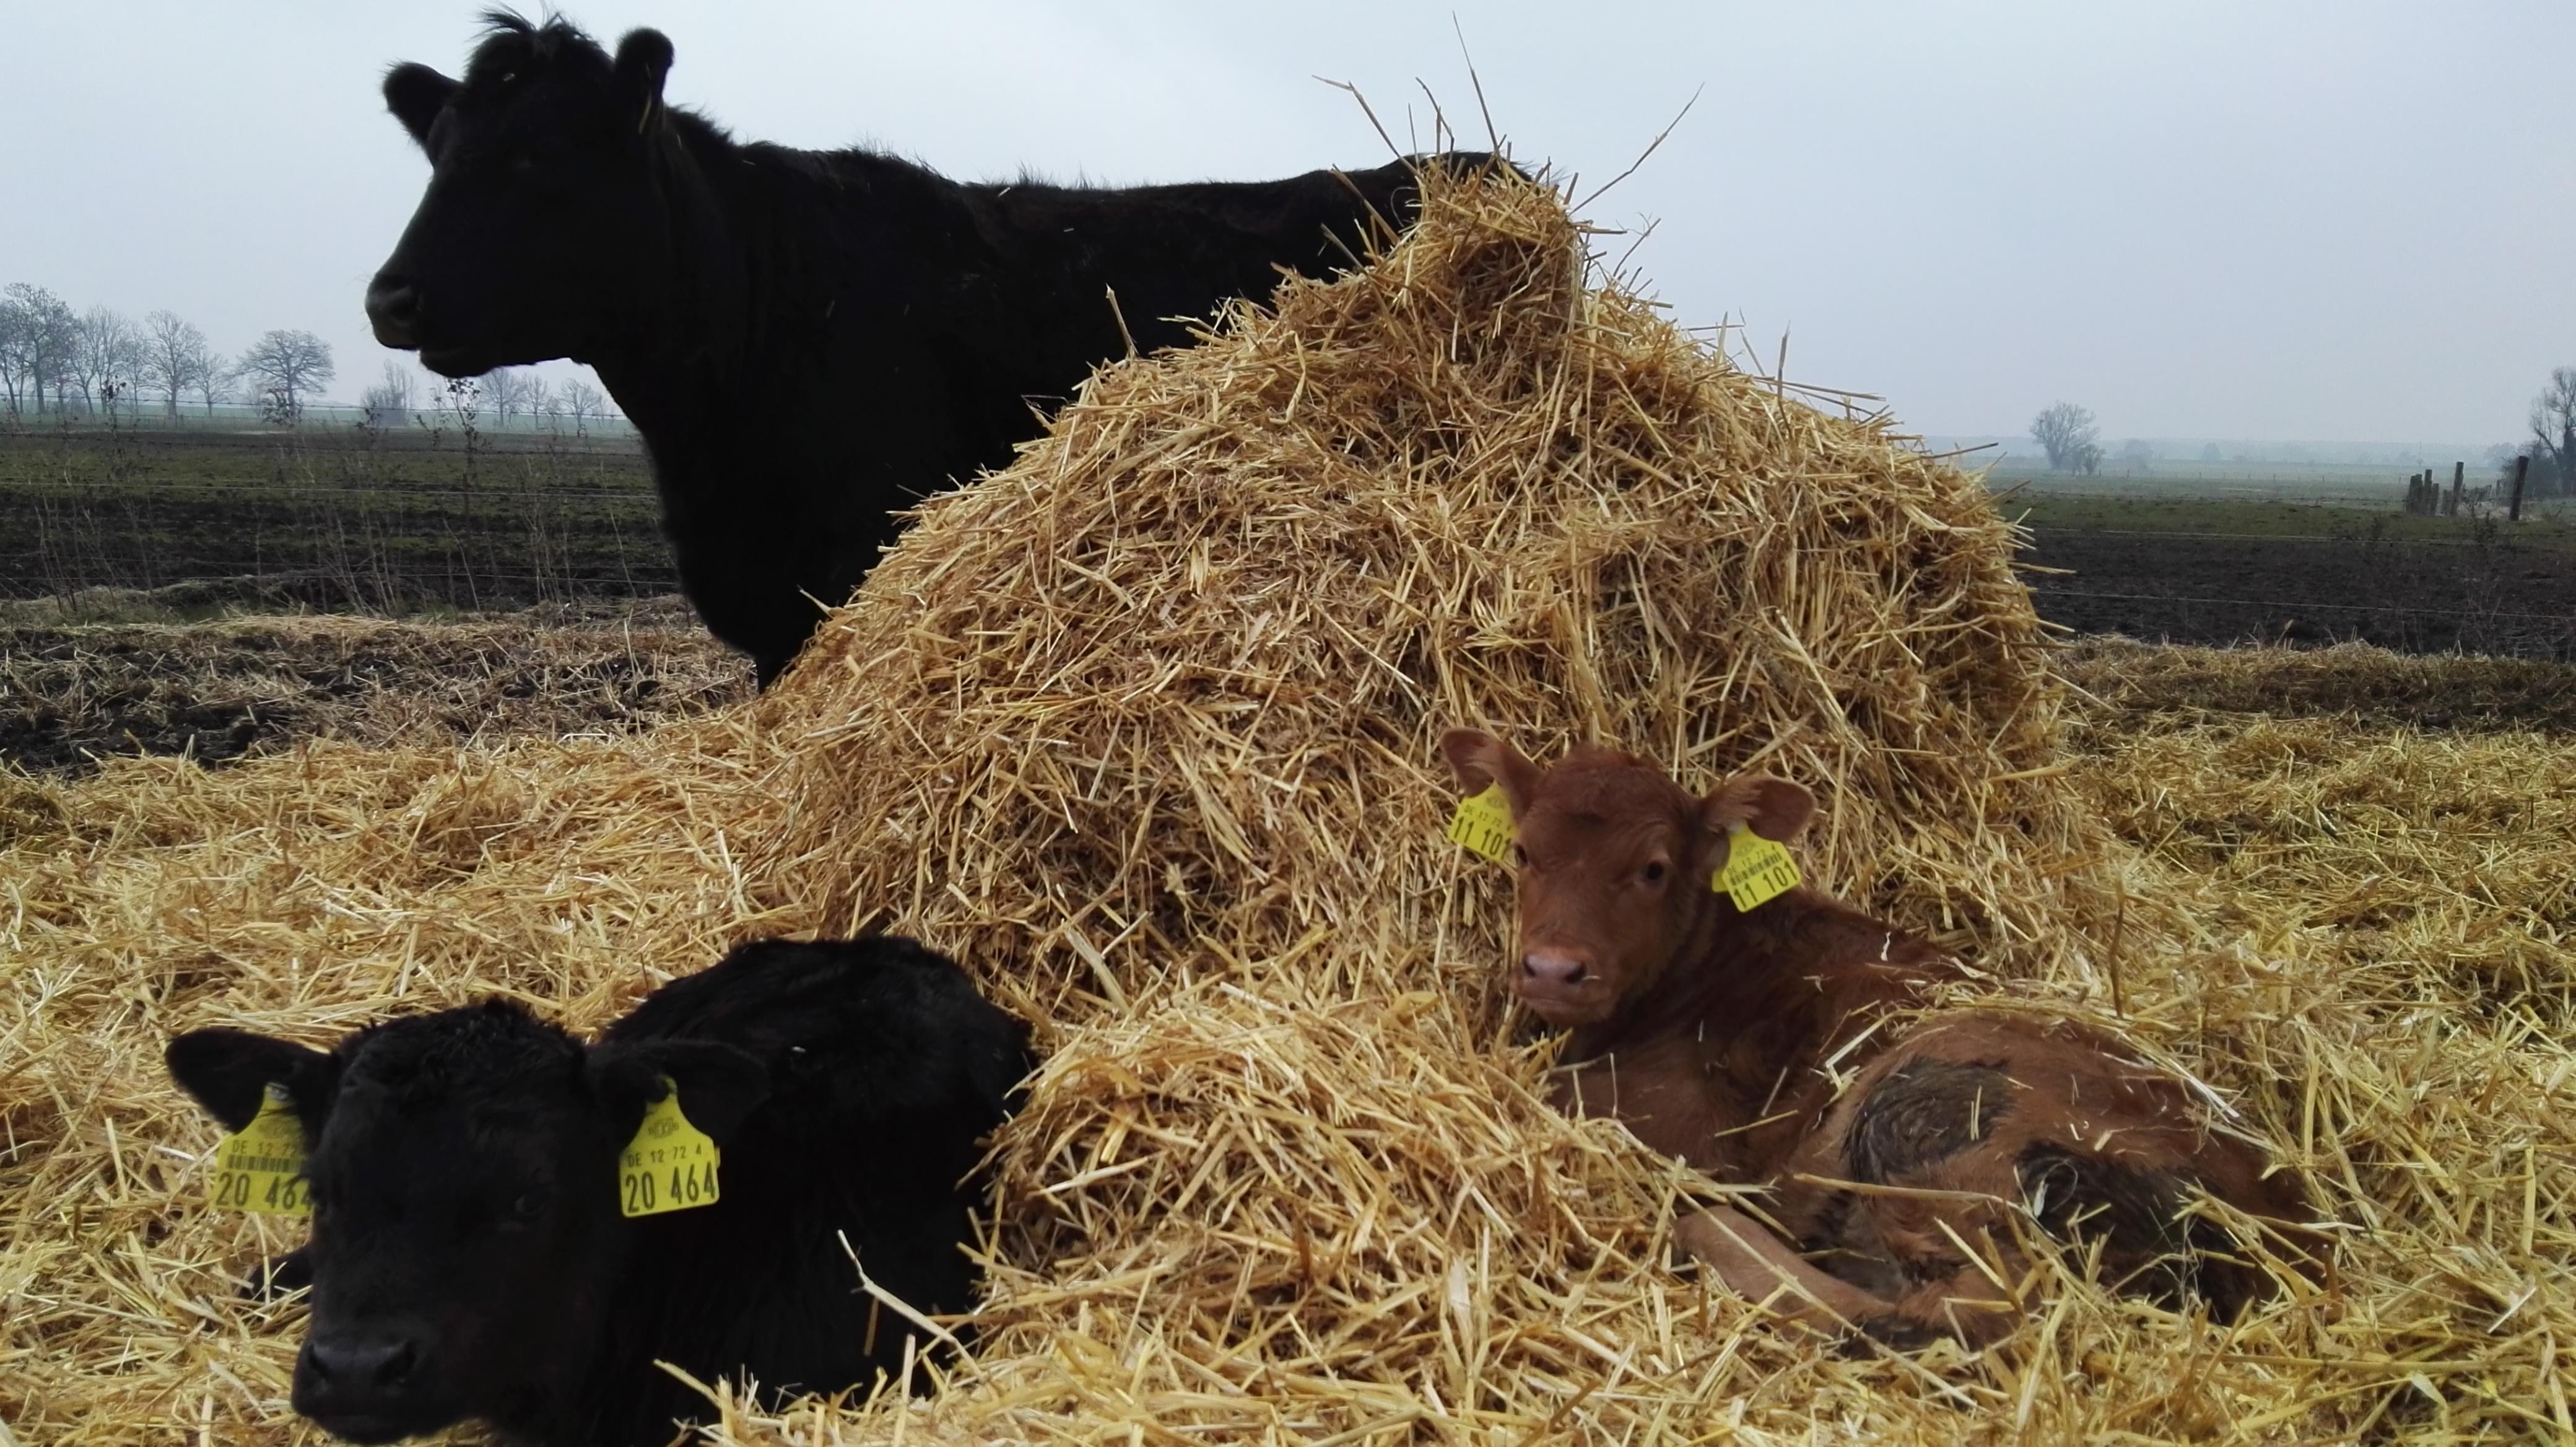 Mittagsschlaf im Stroh